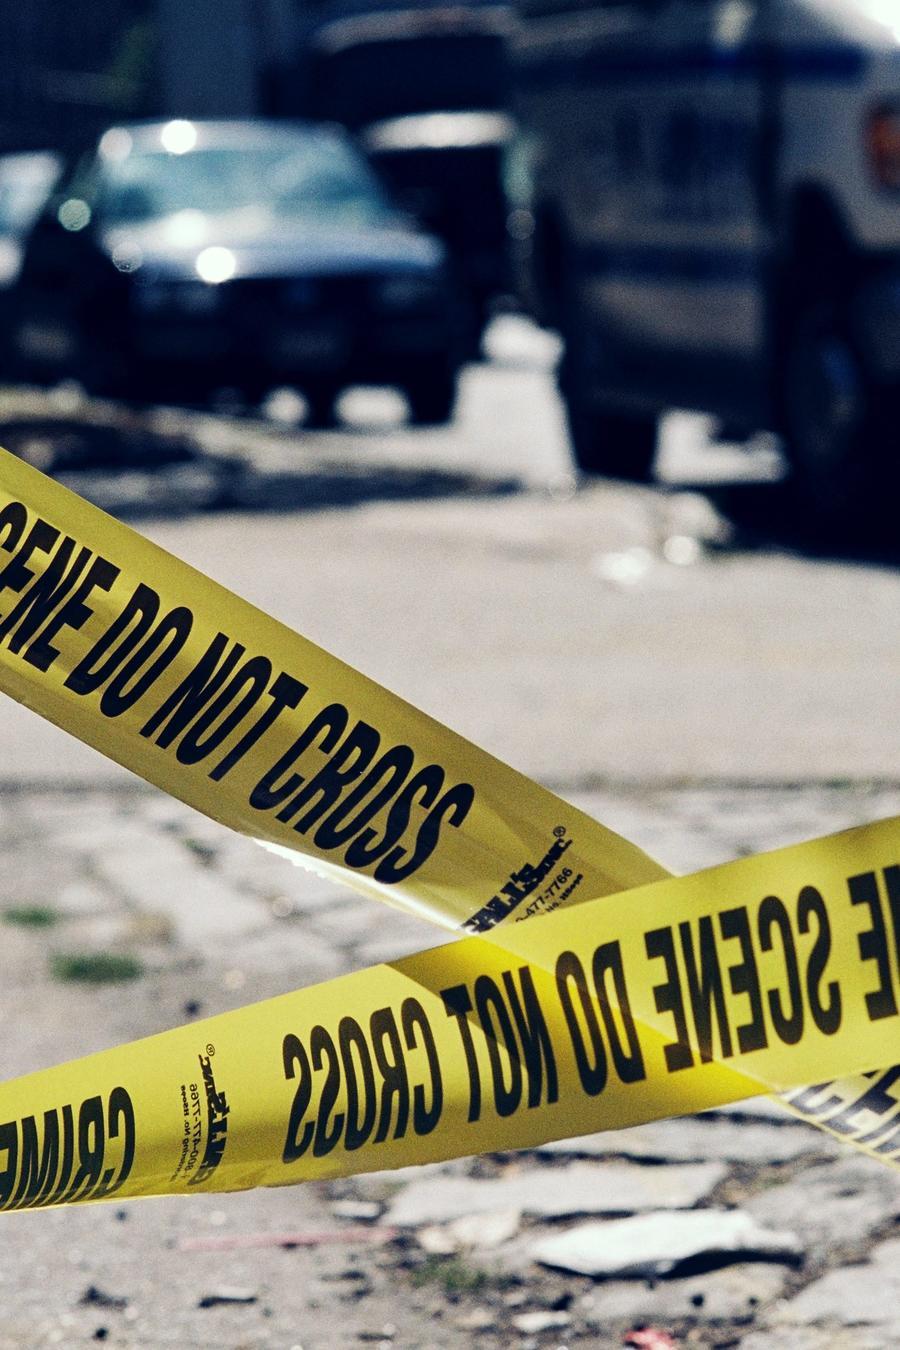 Fotograf+ia de archivo de una escena del crimen